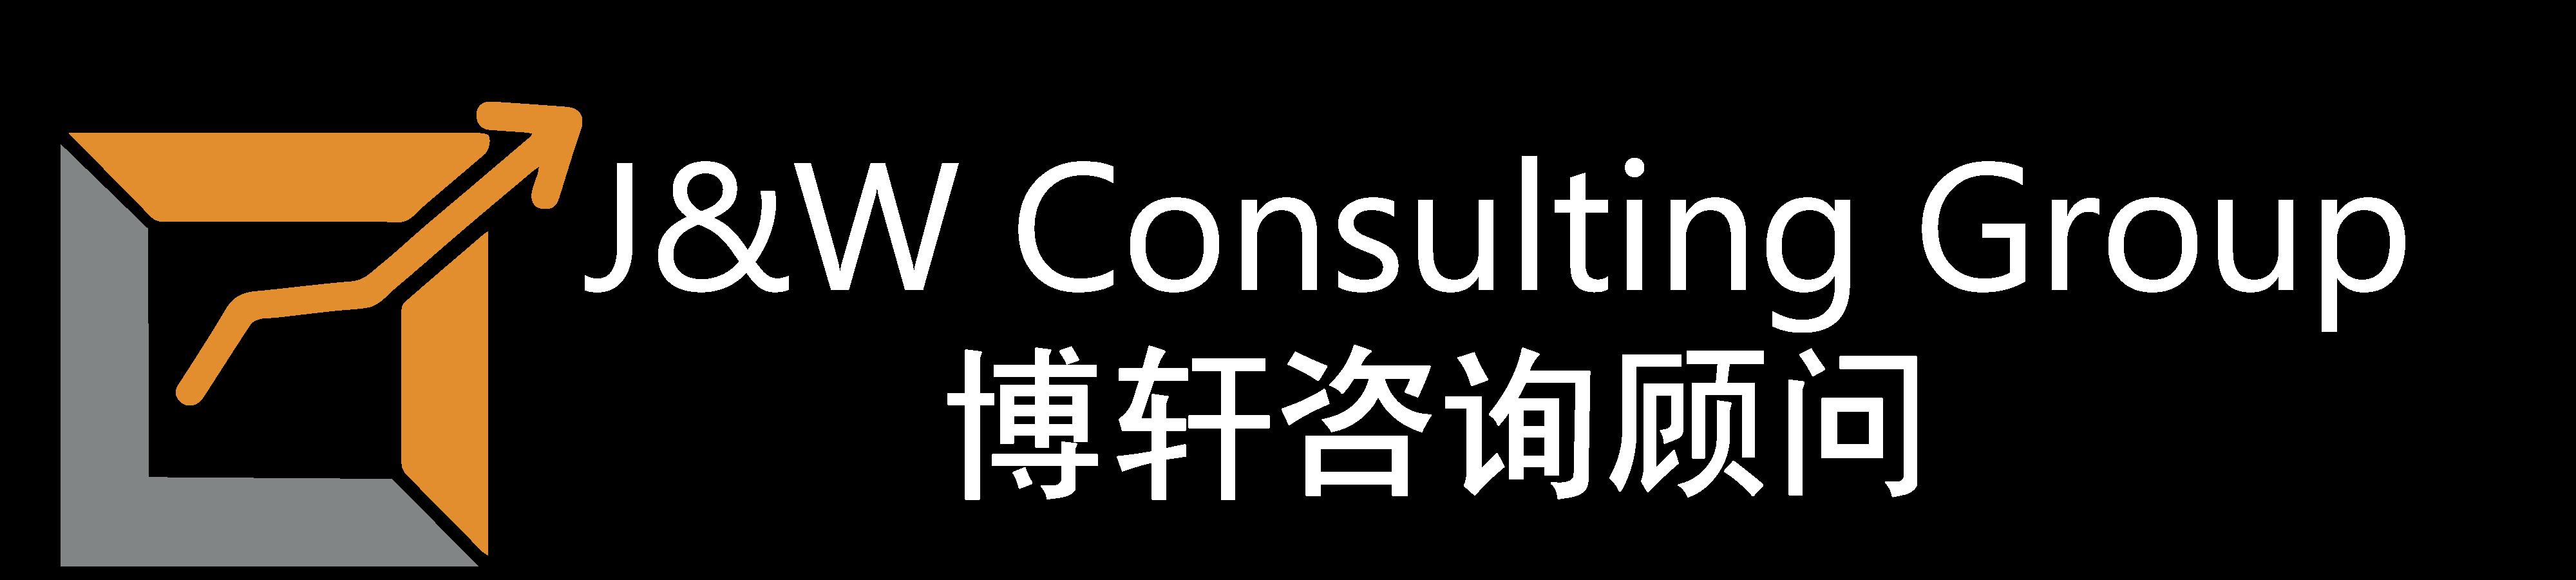 博轩咨询顾问集团